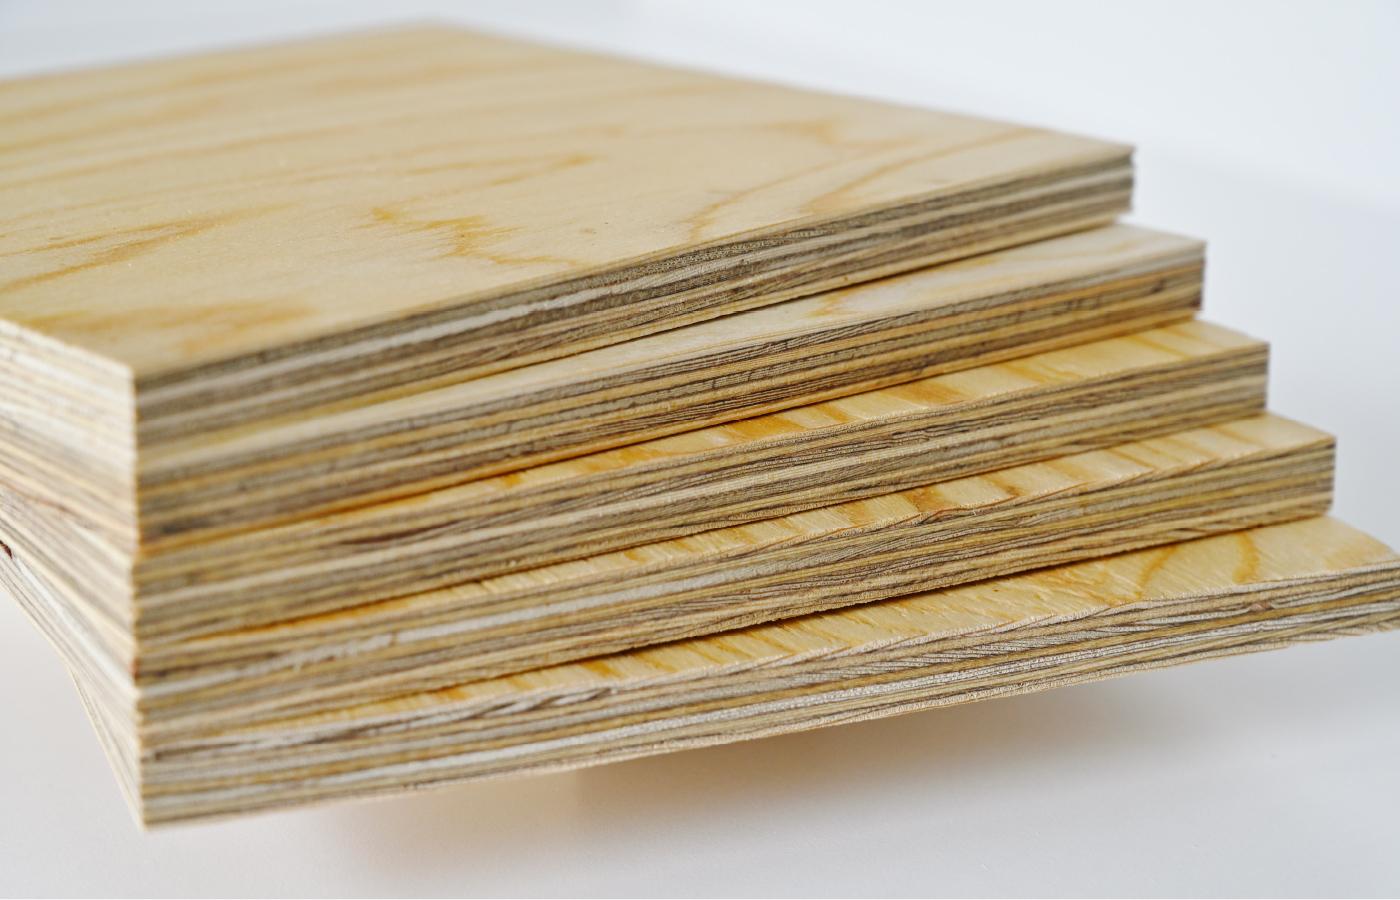 構造用針葉樹合板イメージ